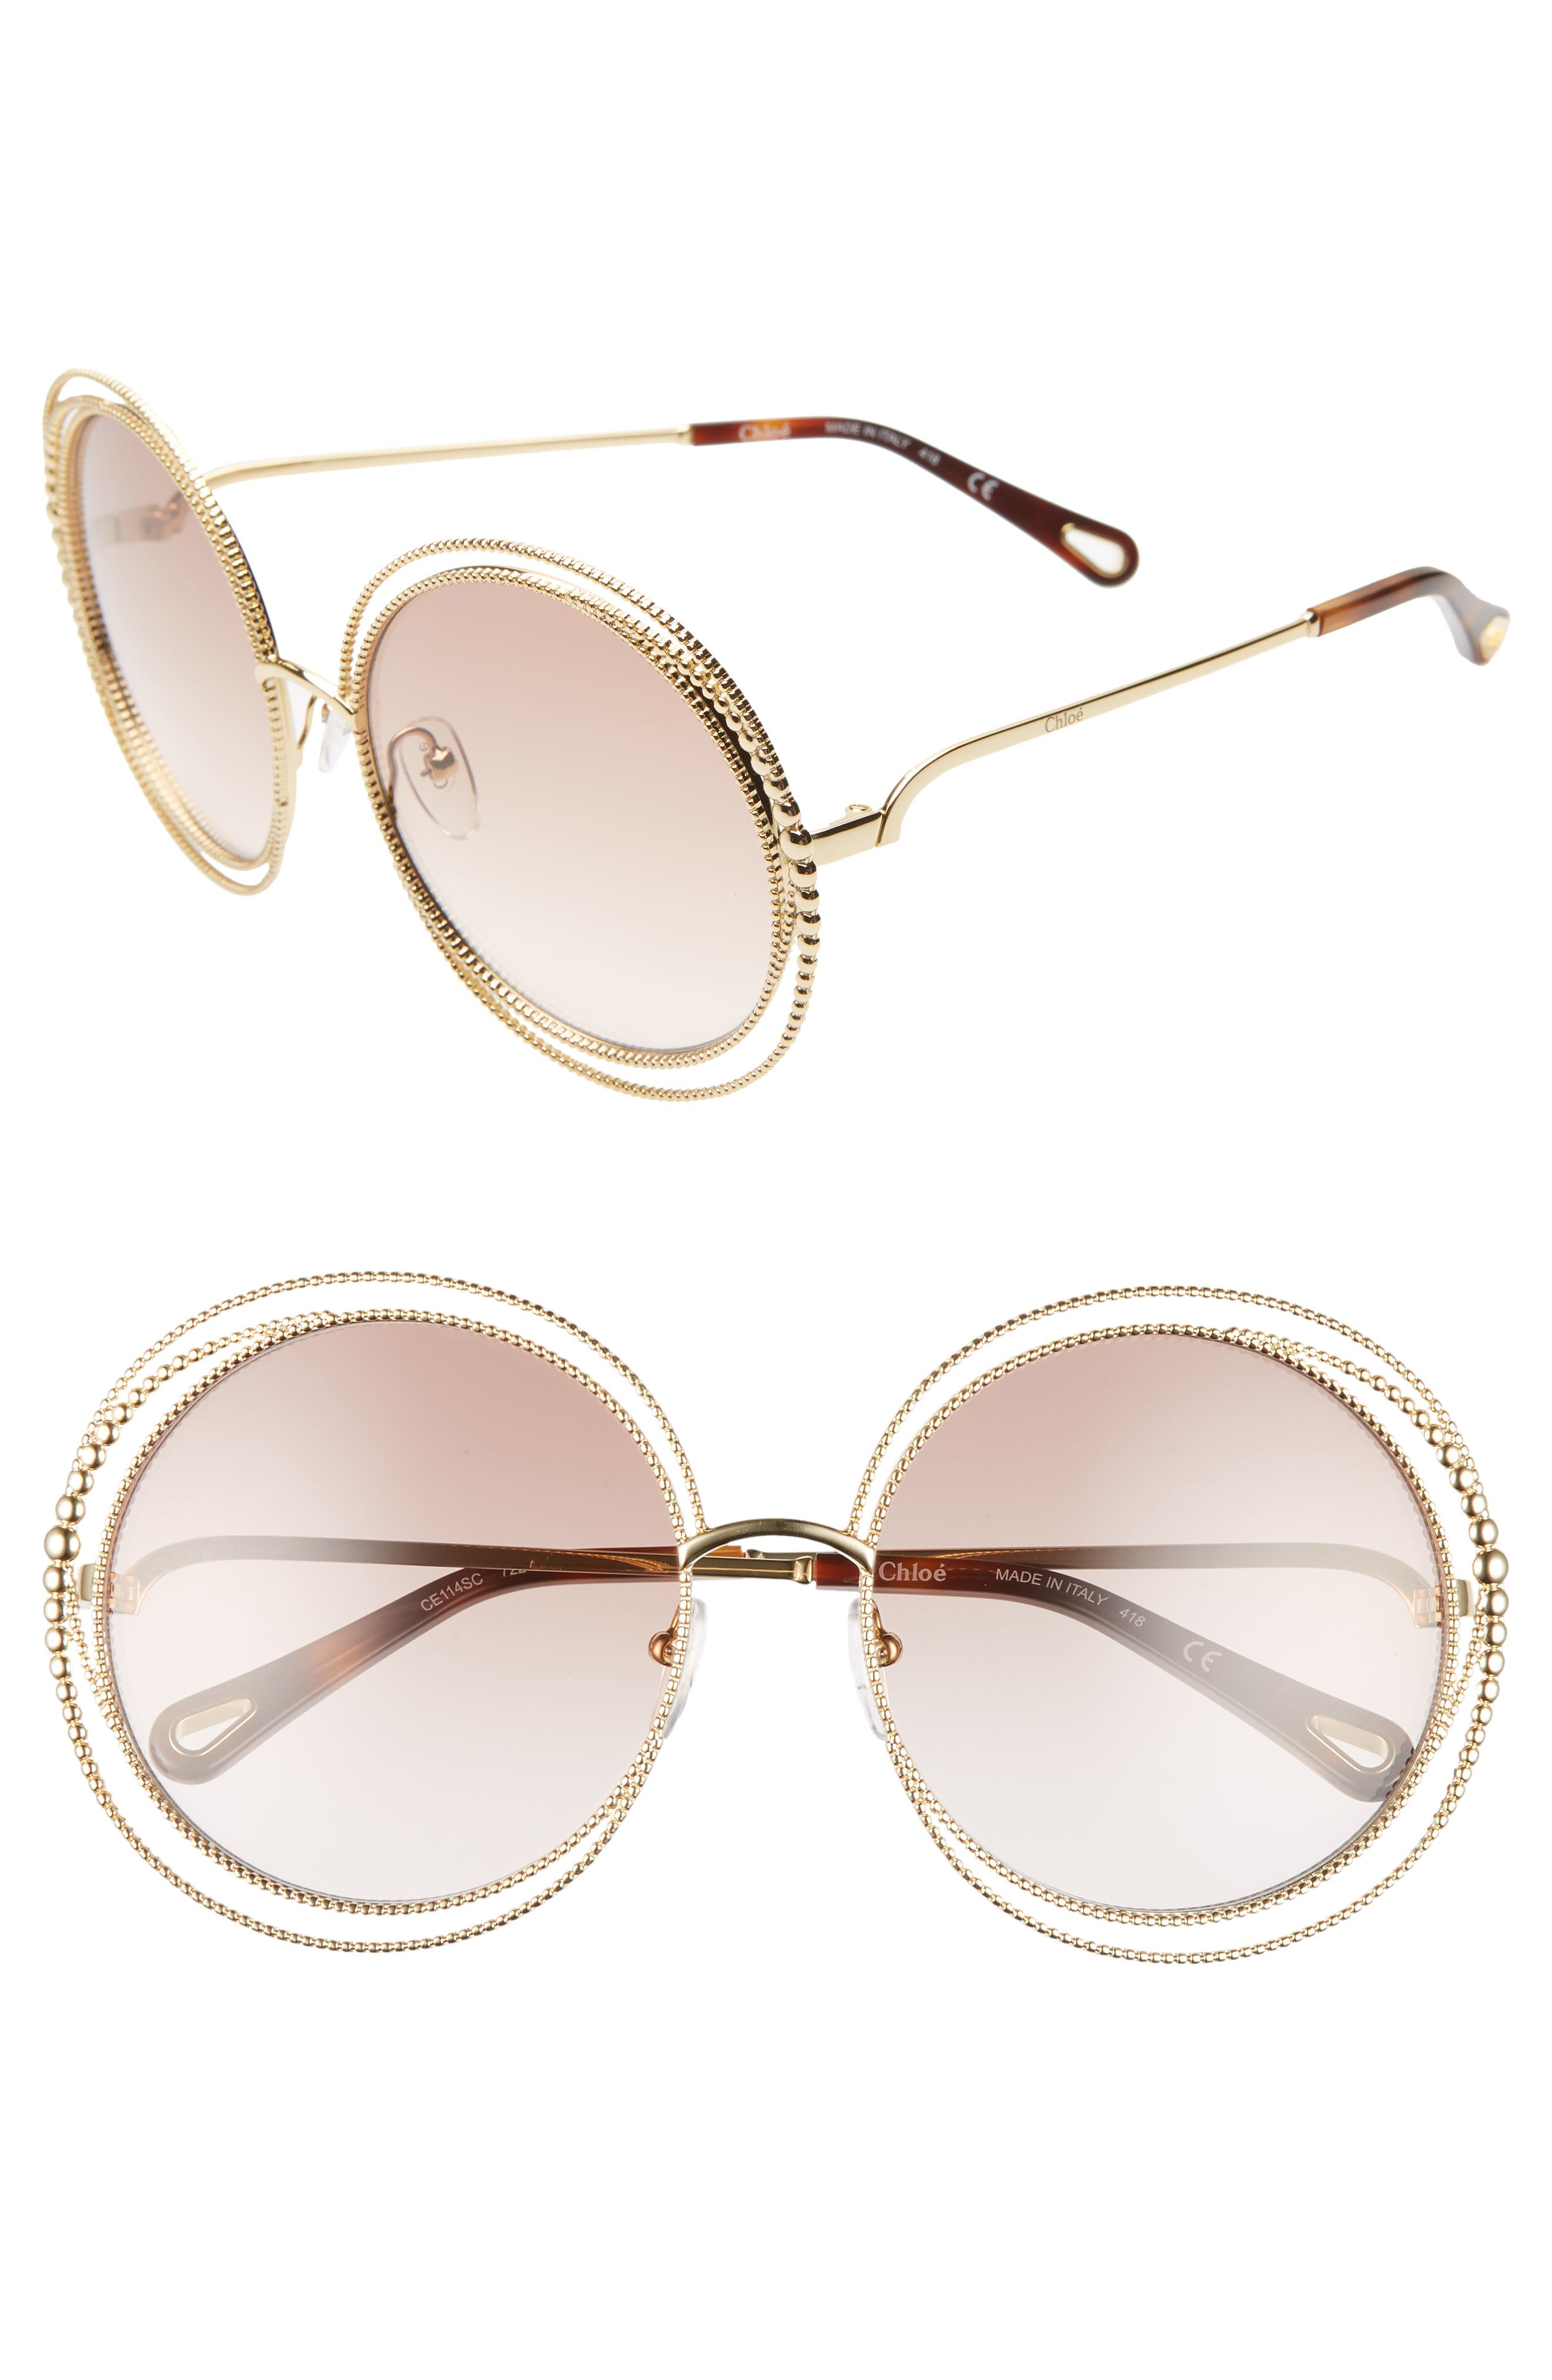 Chloé For WomenNordstrom WomenNordstrom Sunglasses Chloé Sunglasses For OPXuTkZi